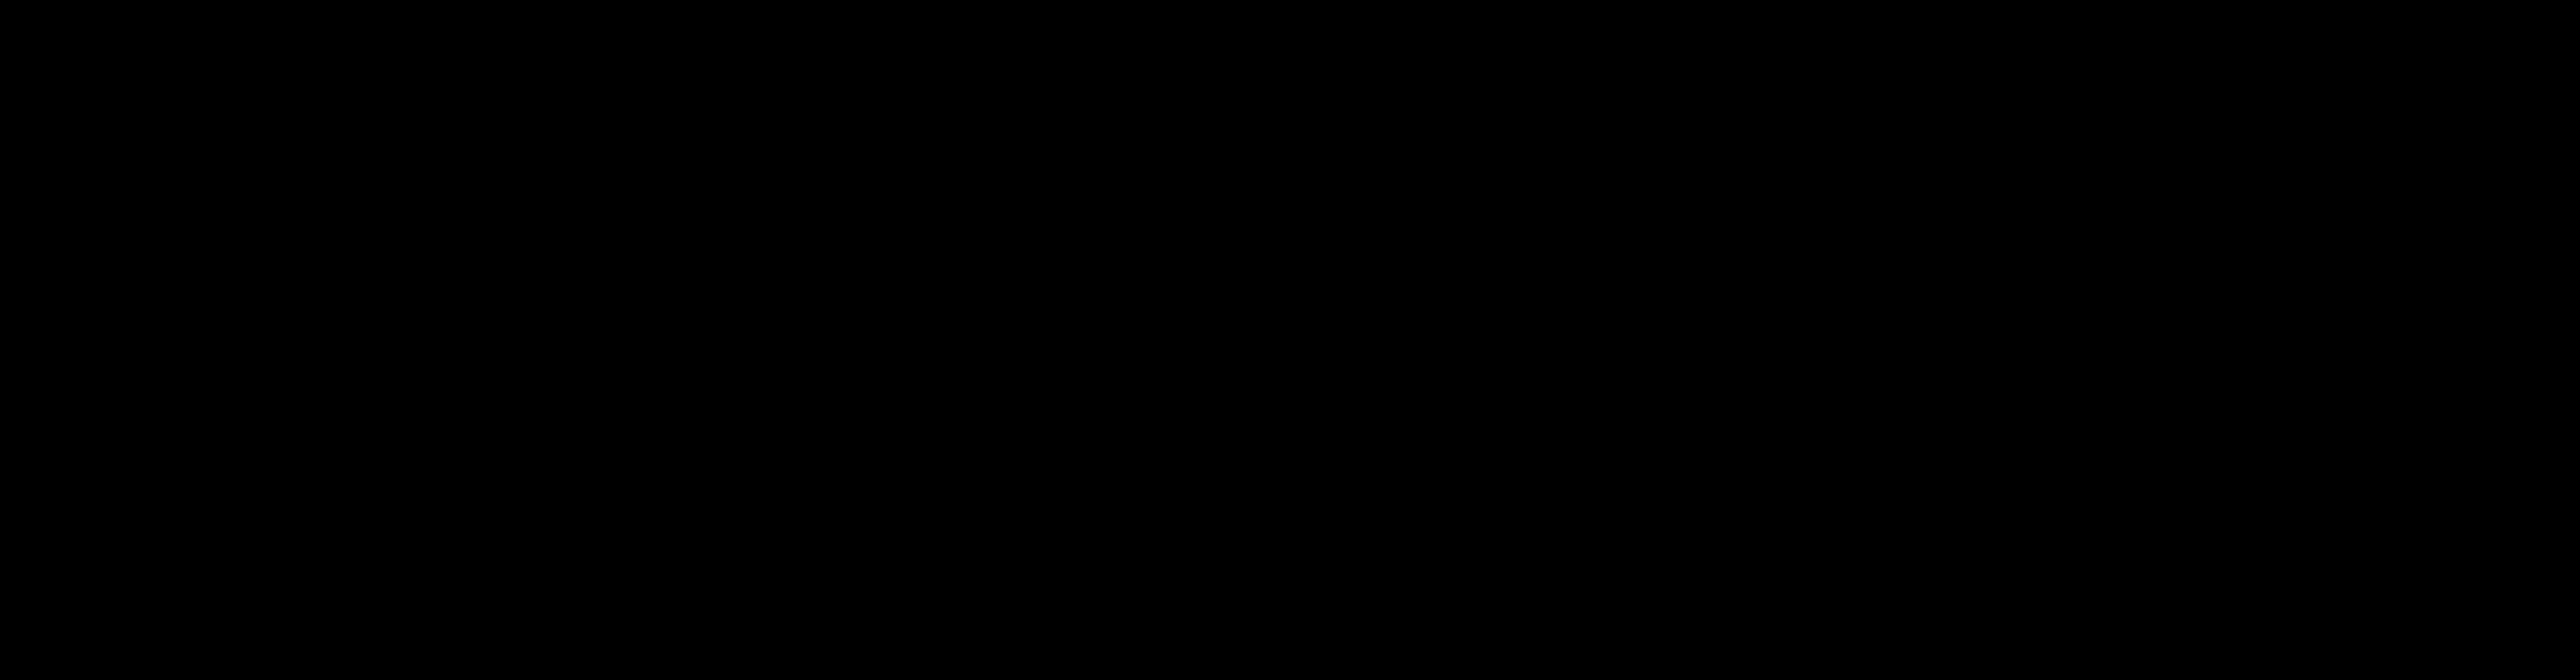 Curcumin-d<sub>6</sub> mono-glucoside